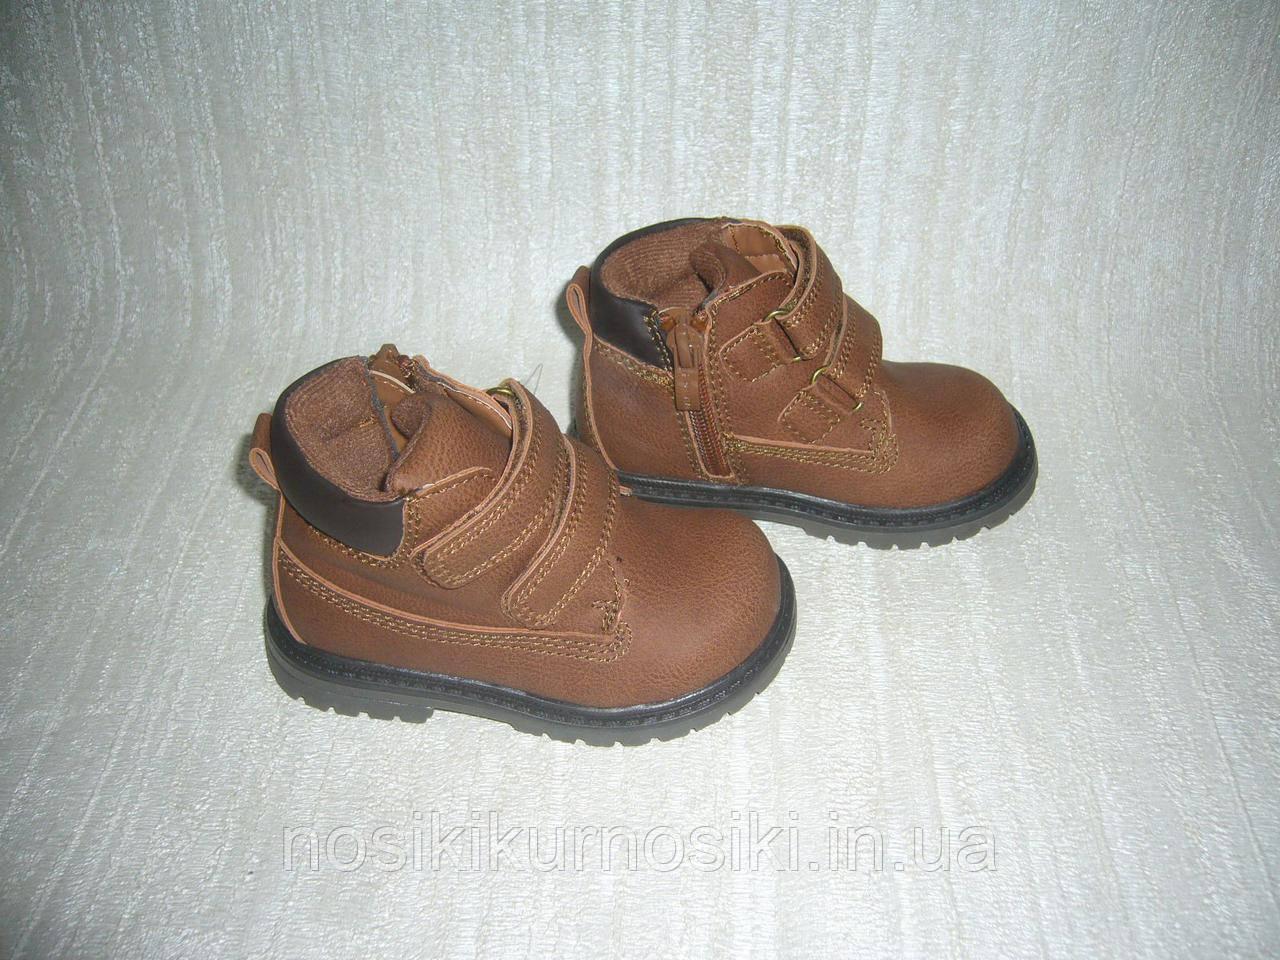 Демисезонные ботинки для мальчиков Apawwa размеры 22, 26 коричневые